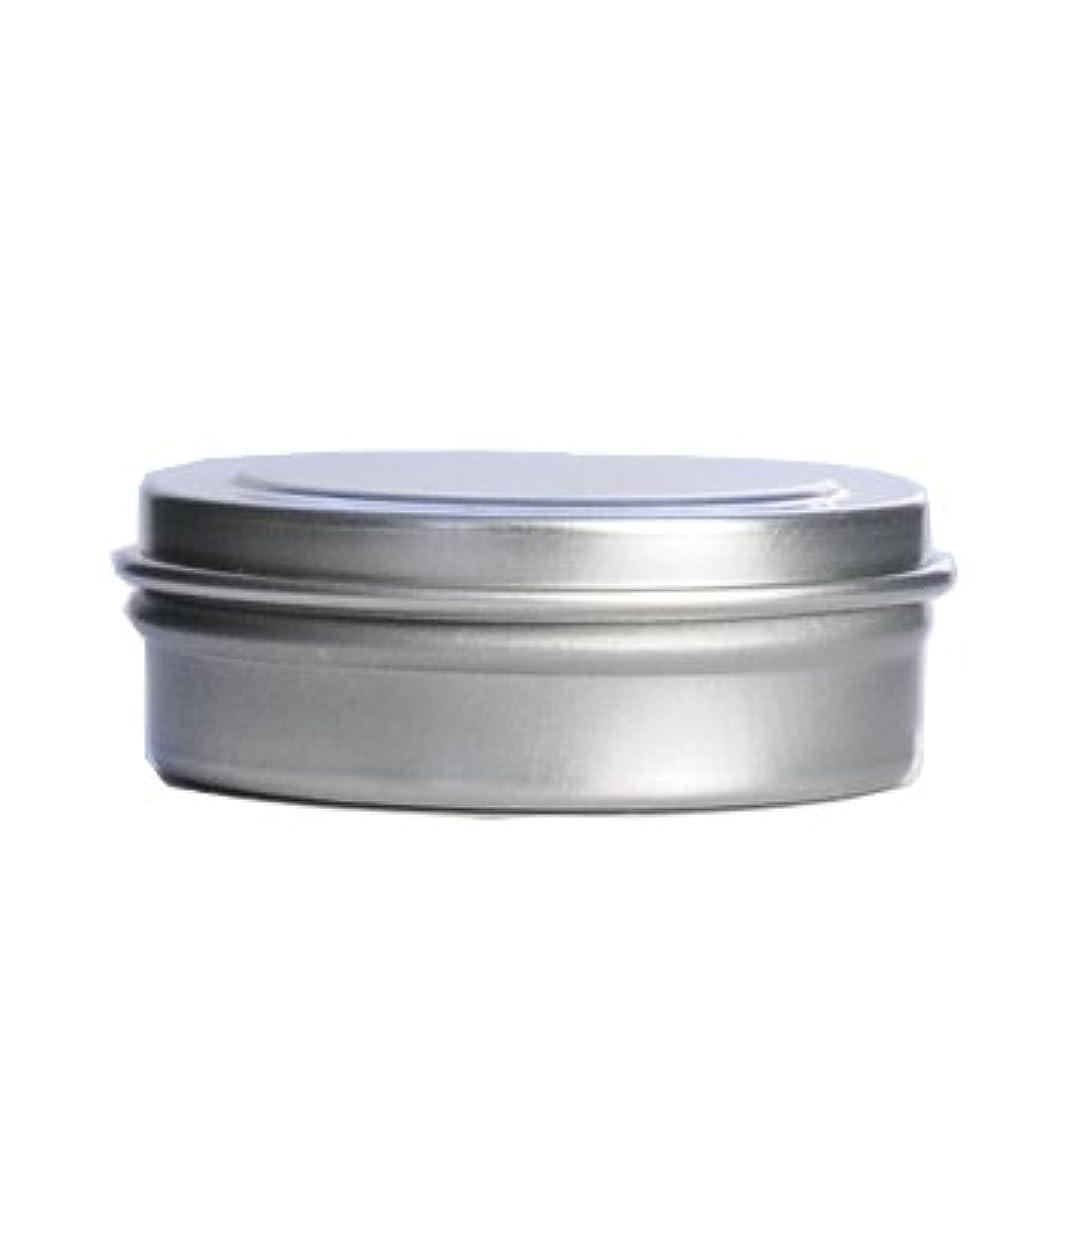 ライドズボンメッセンジャーメタルフラットジャー[10ml]/10個